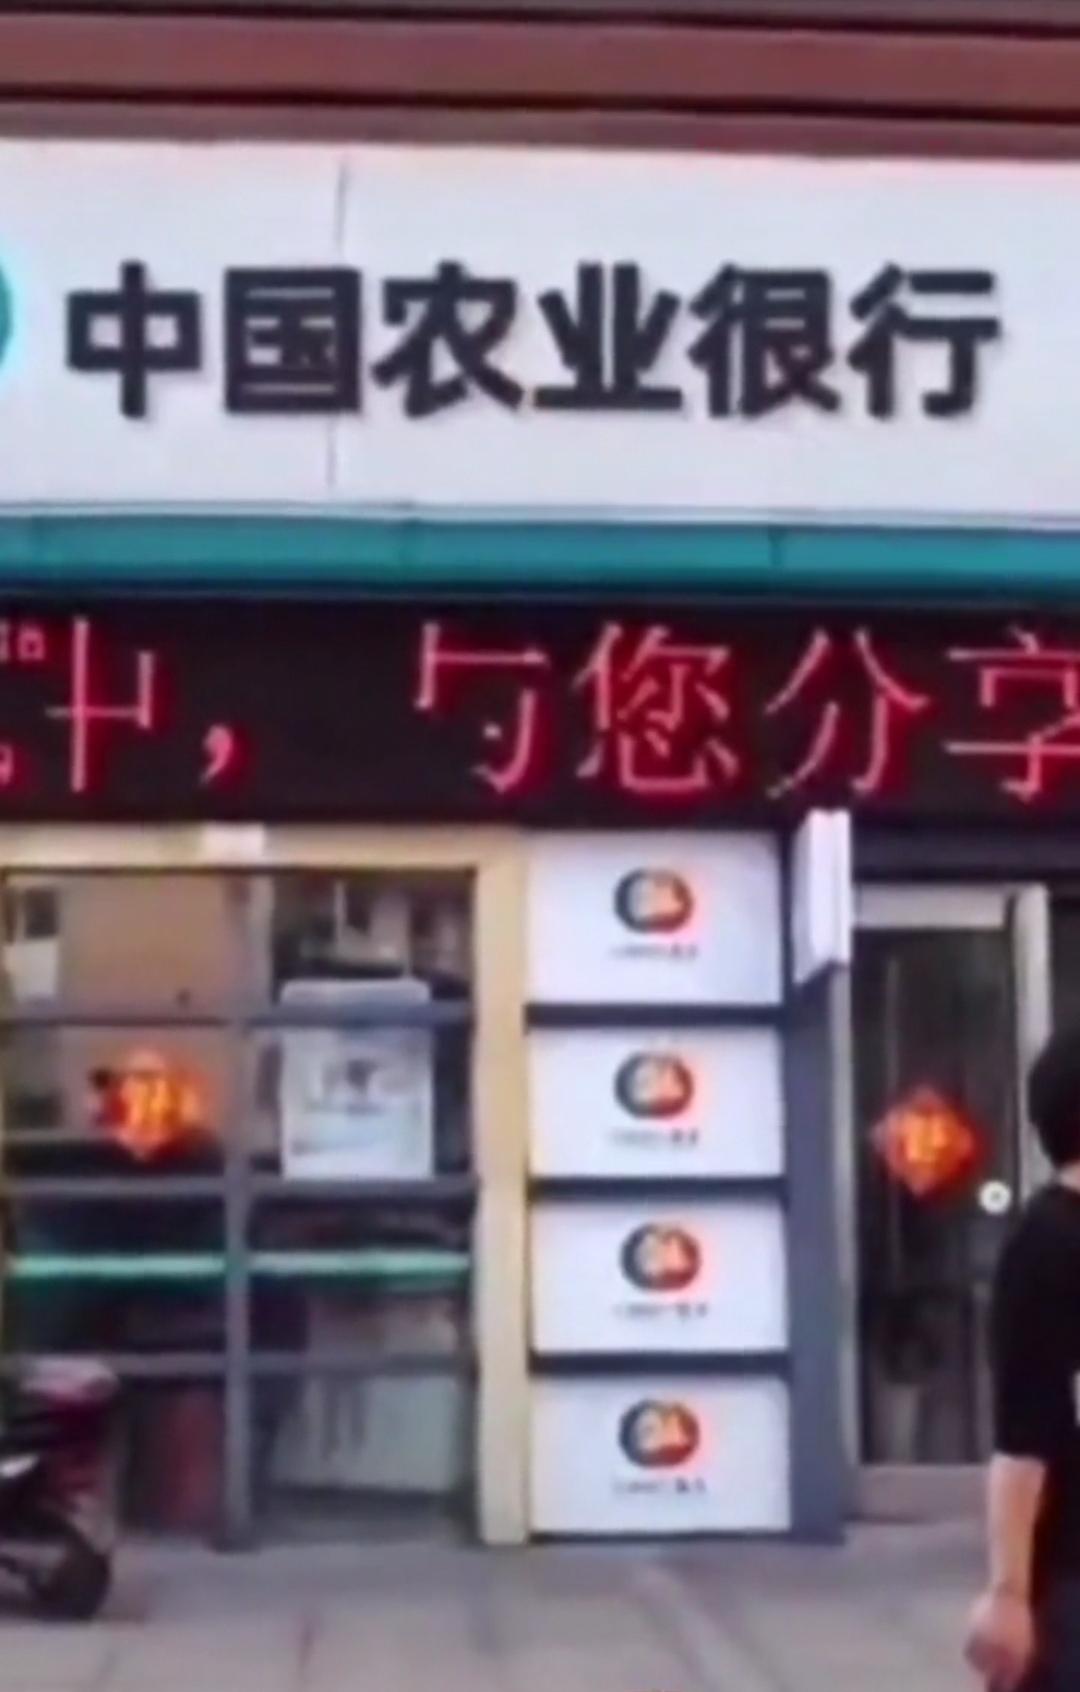 """錯得離譜!""""中國農業銀行""""變成""""中國農業很行"""",銀行改行瞭?-圖2"""